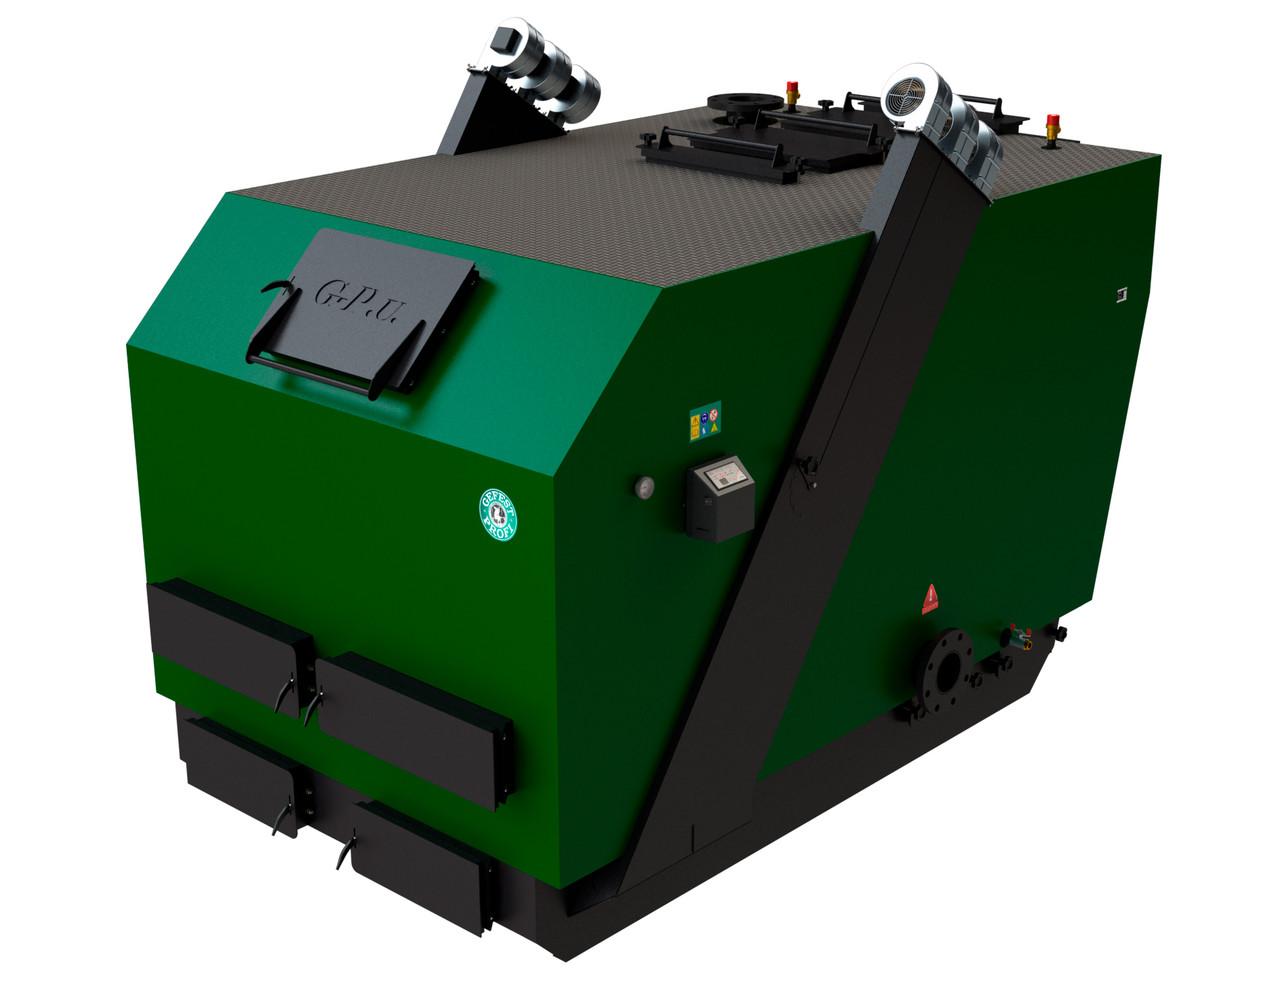 Универсальный промышленный котел на твердом топливе длительного горения Gefest profi U (Гефест-профи У) 250кВт